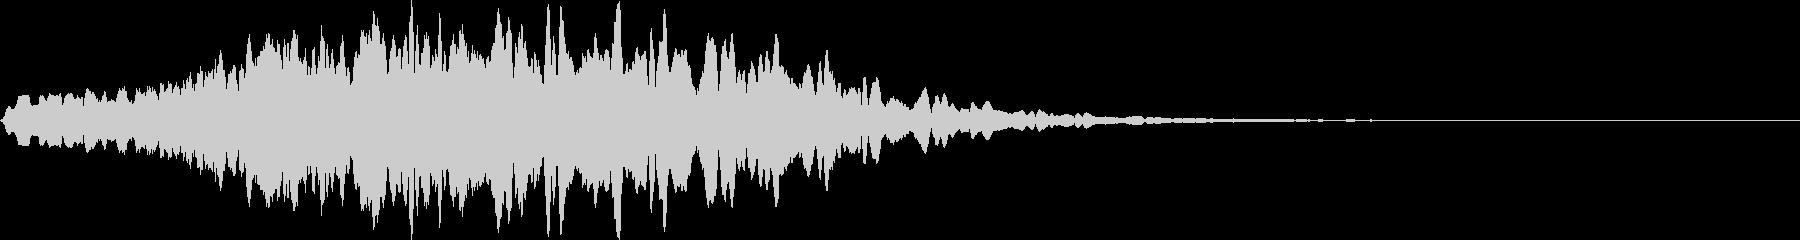 アトモスフィア FX_02 padの未再生の波形